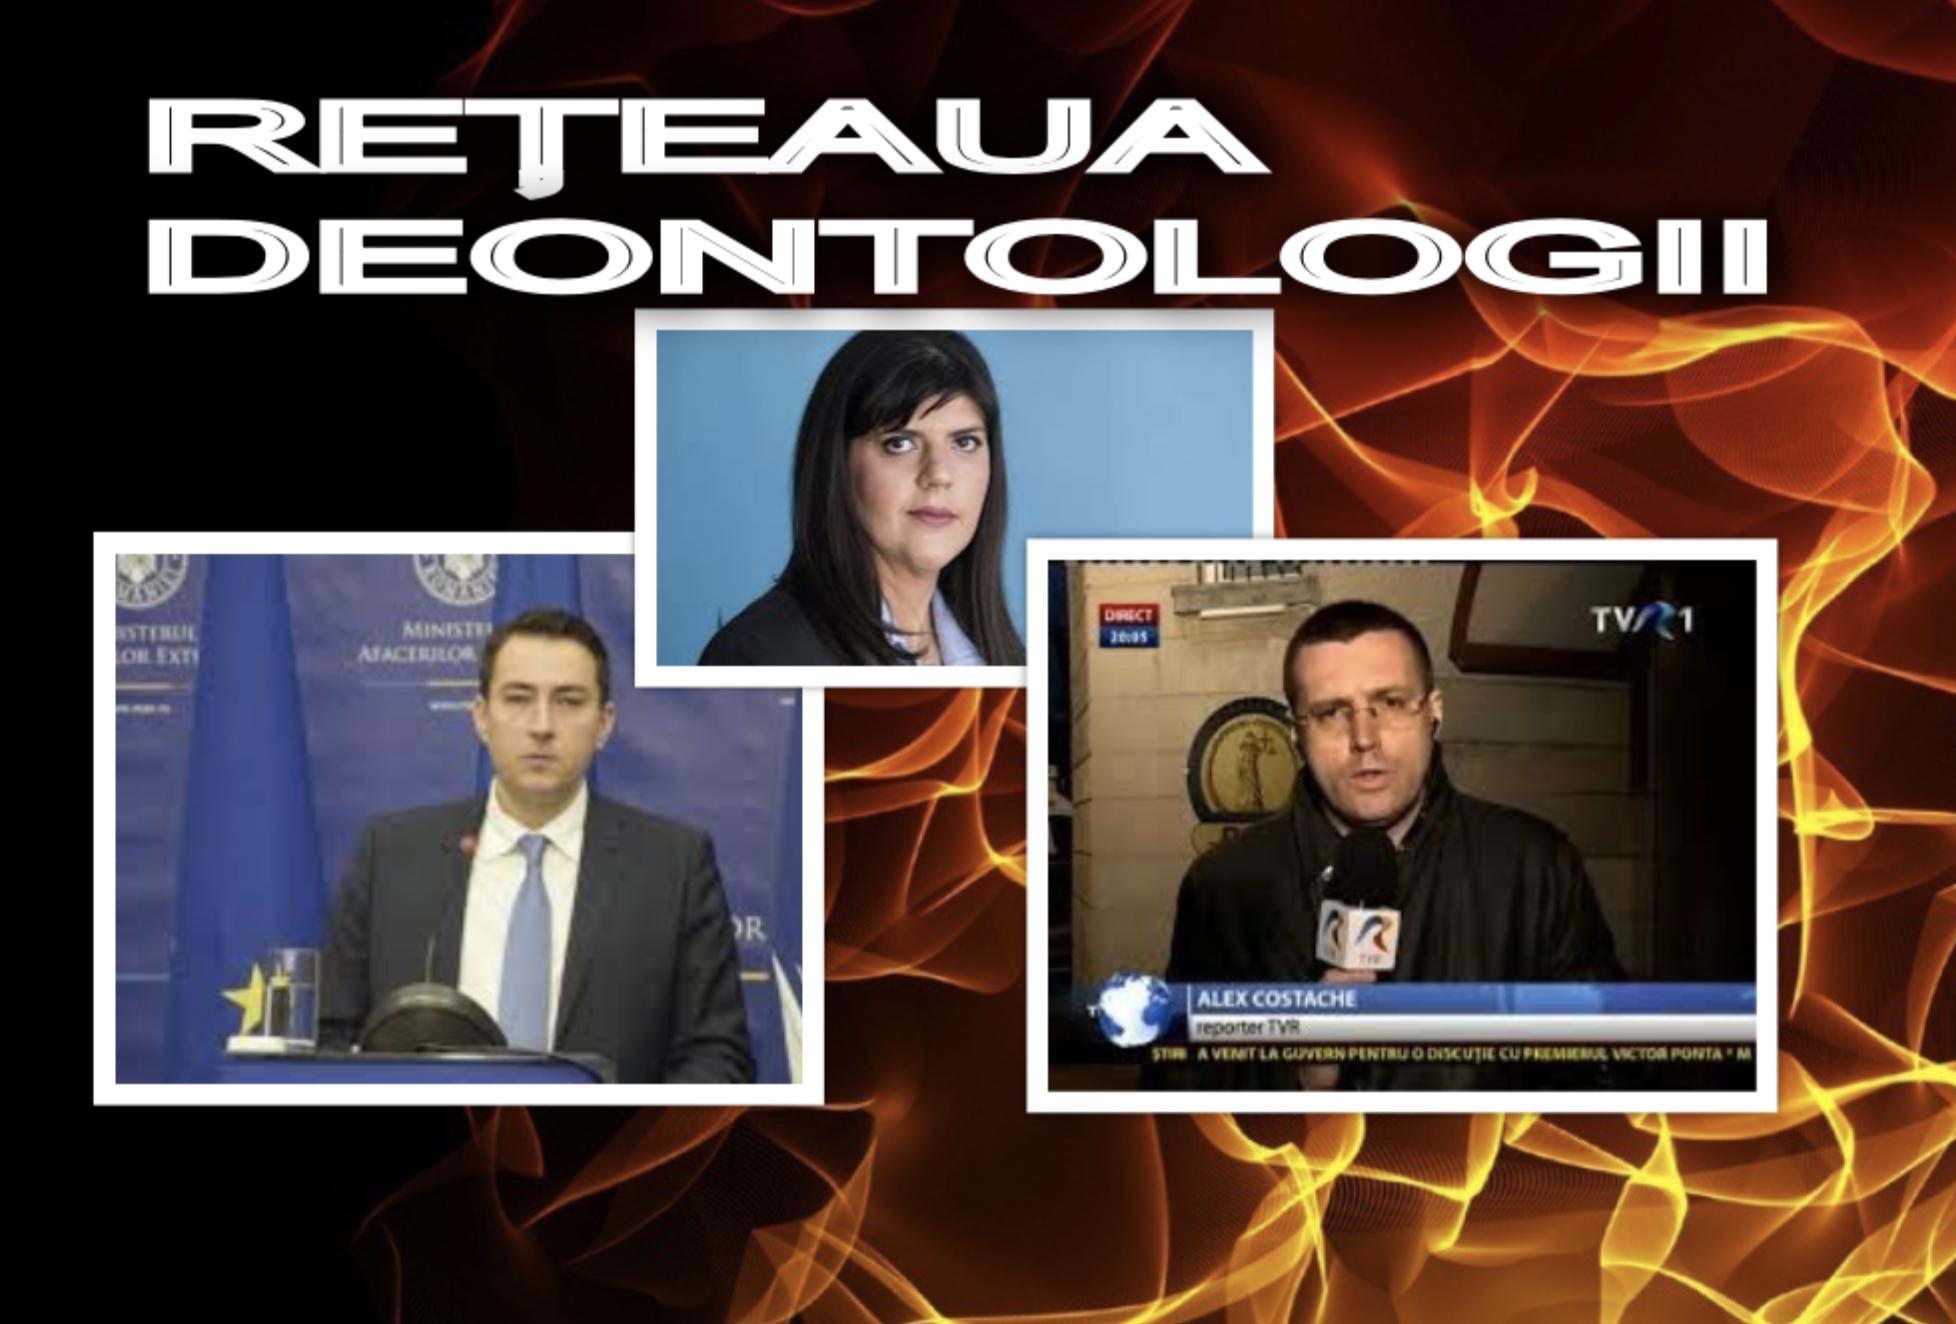 """Exploziv. Întâlnire conspirativă între magistrați și jurnaliști. Rețeaua """"Deontologii"""", surprinsă în plin complot"""